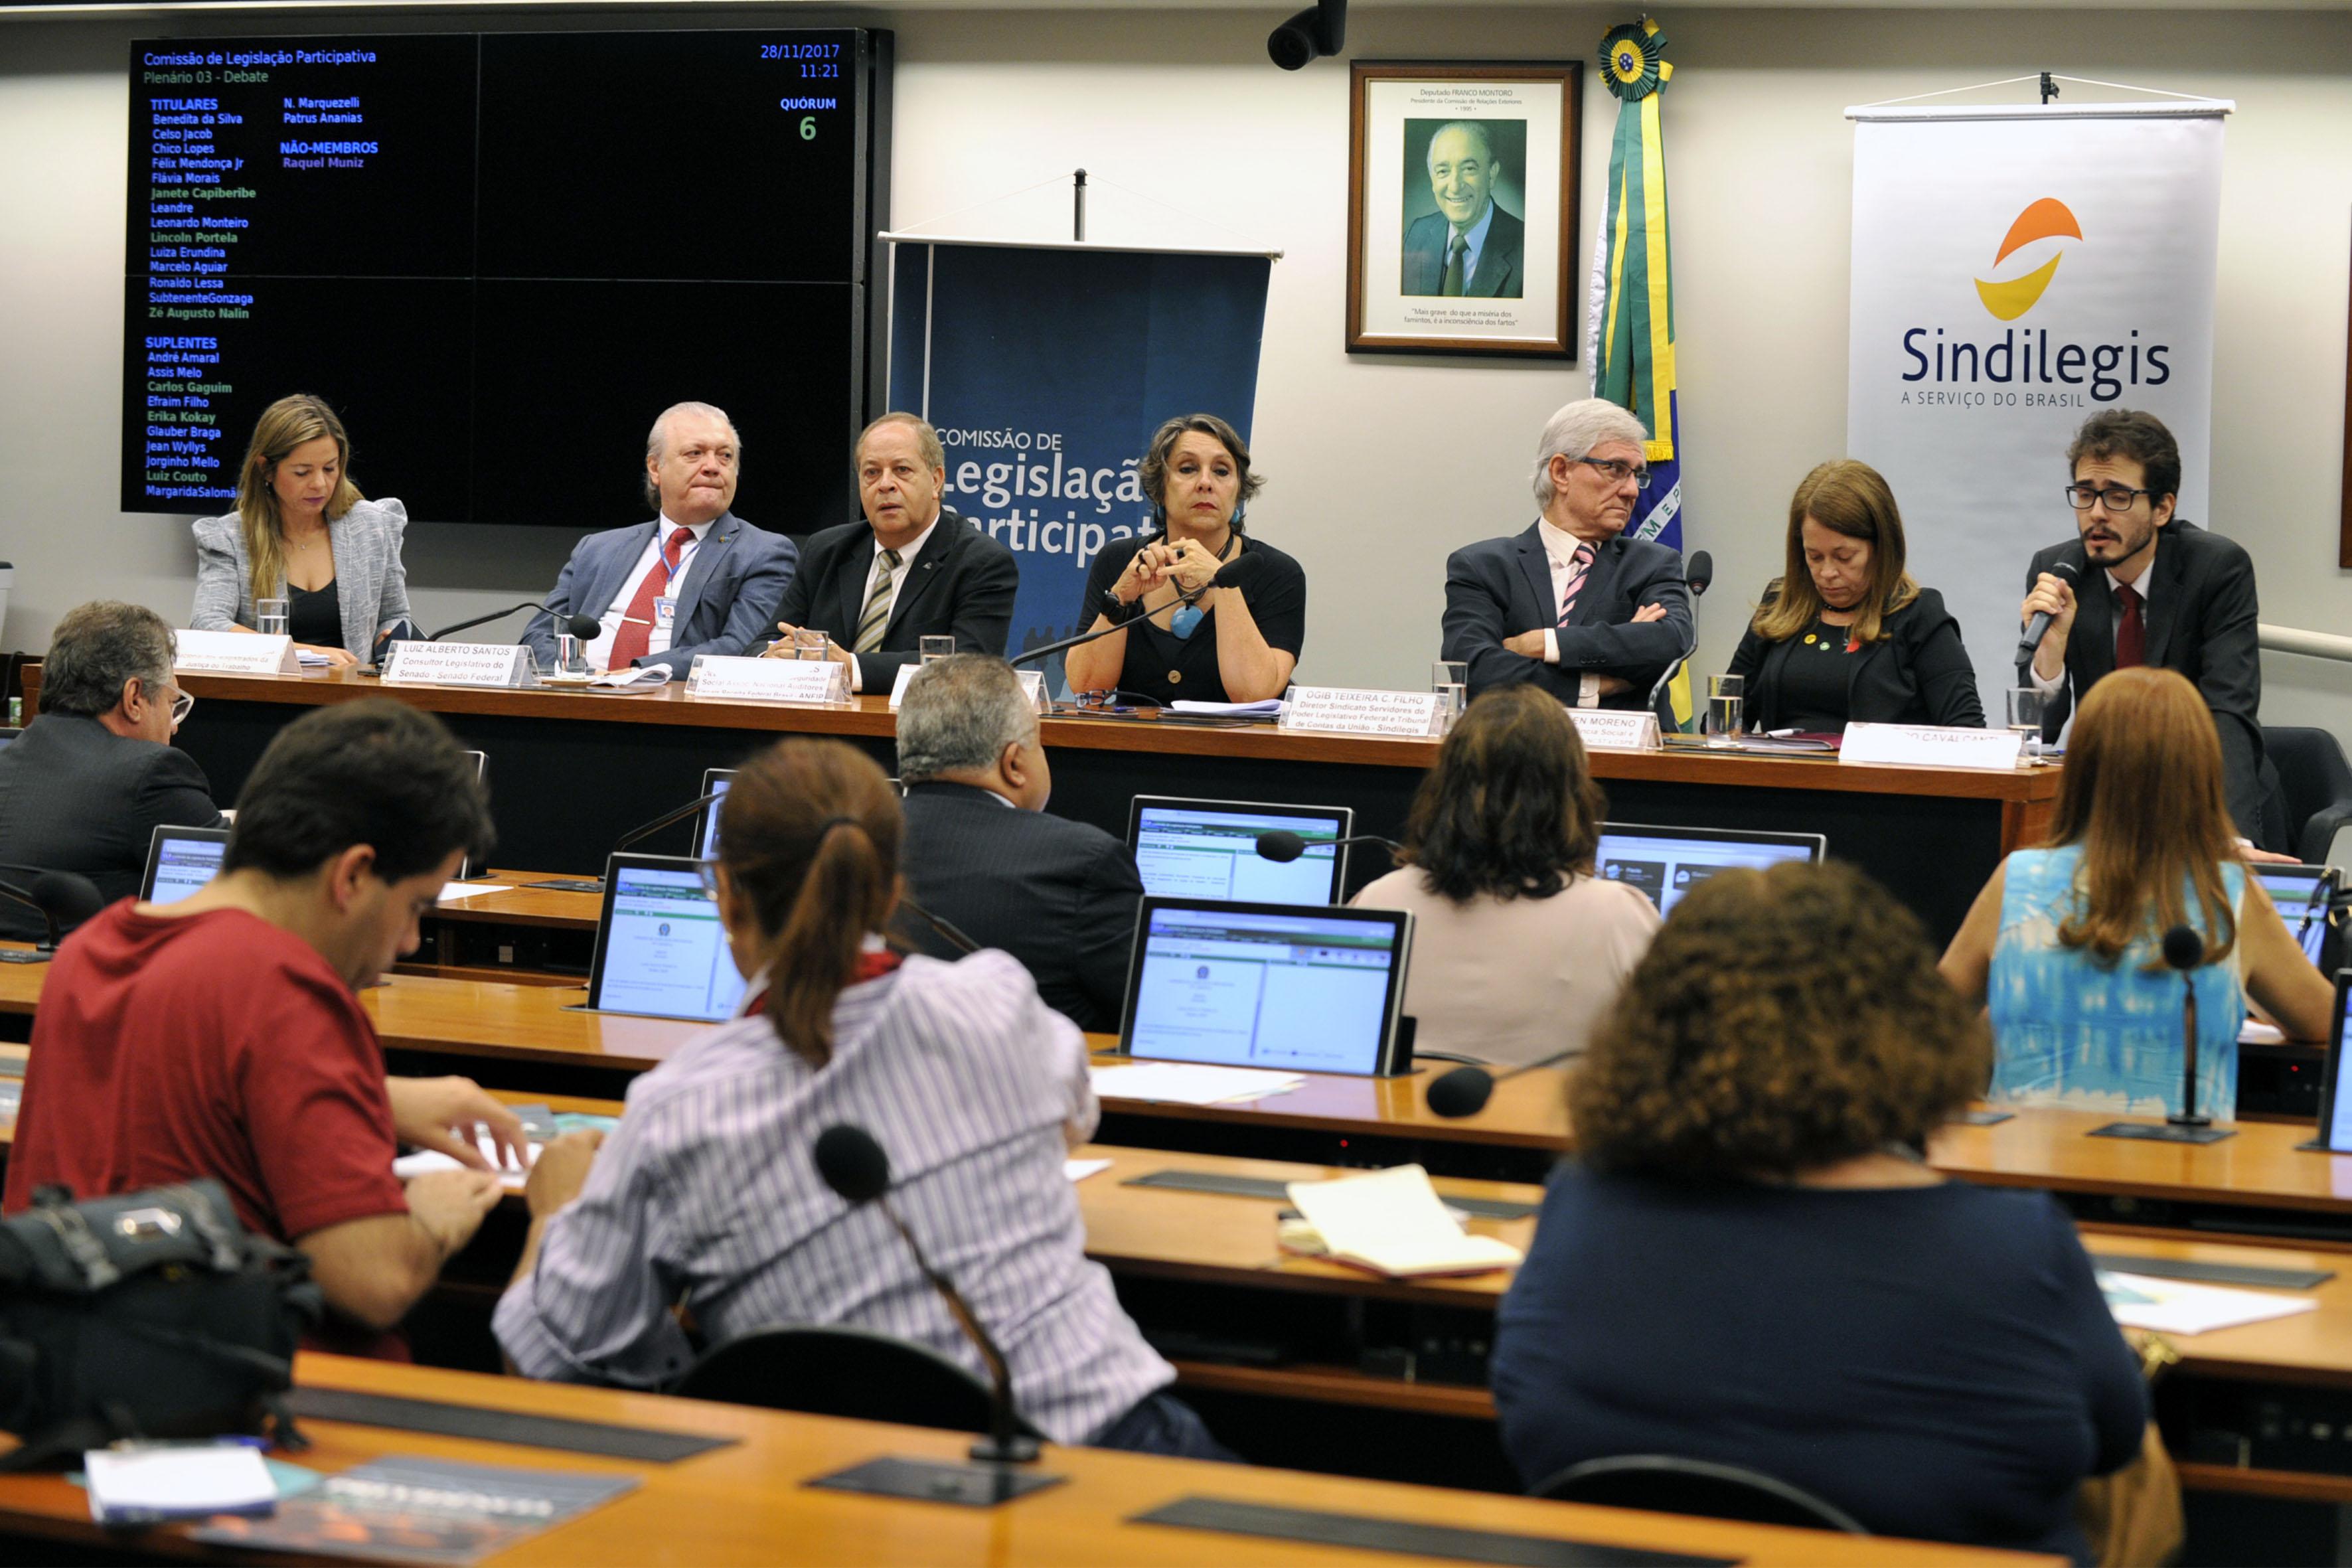 Ciclo de debates acerca da Proposta de Emenda à Constituição nº 287/16, que trata da Reforma da Previdência Social